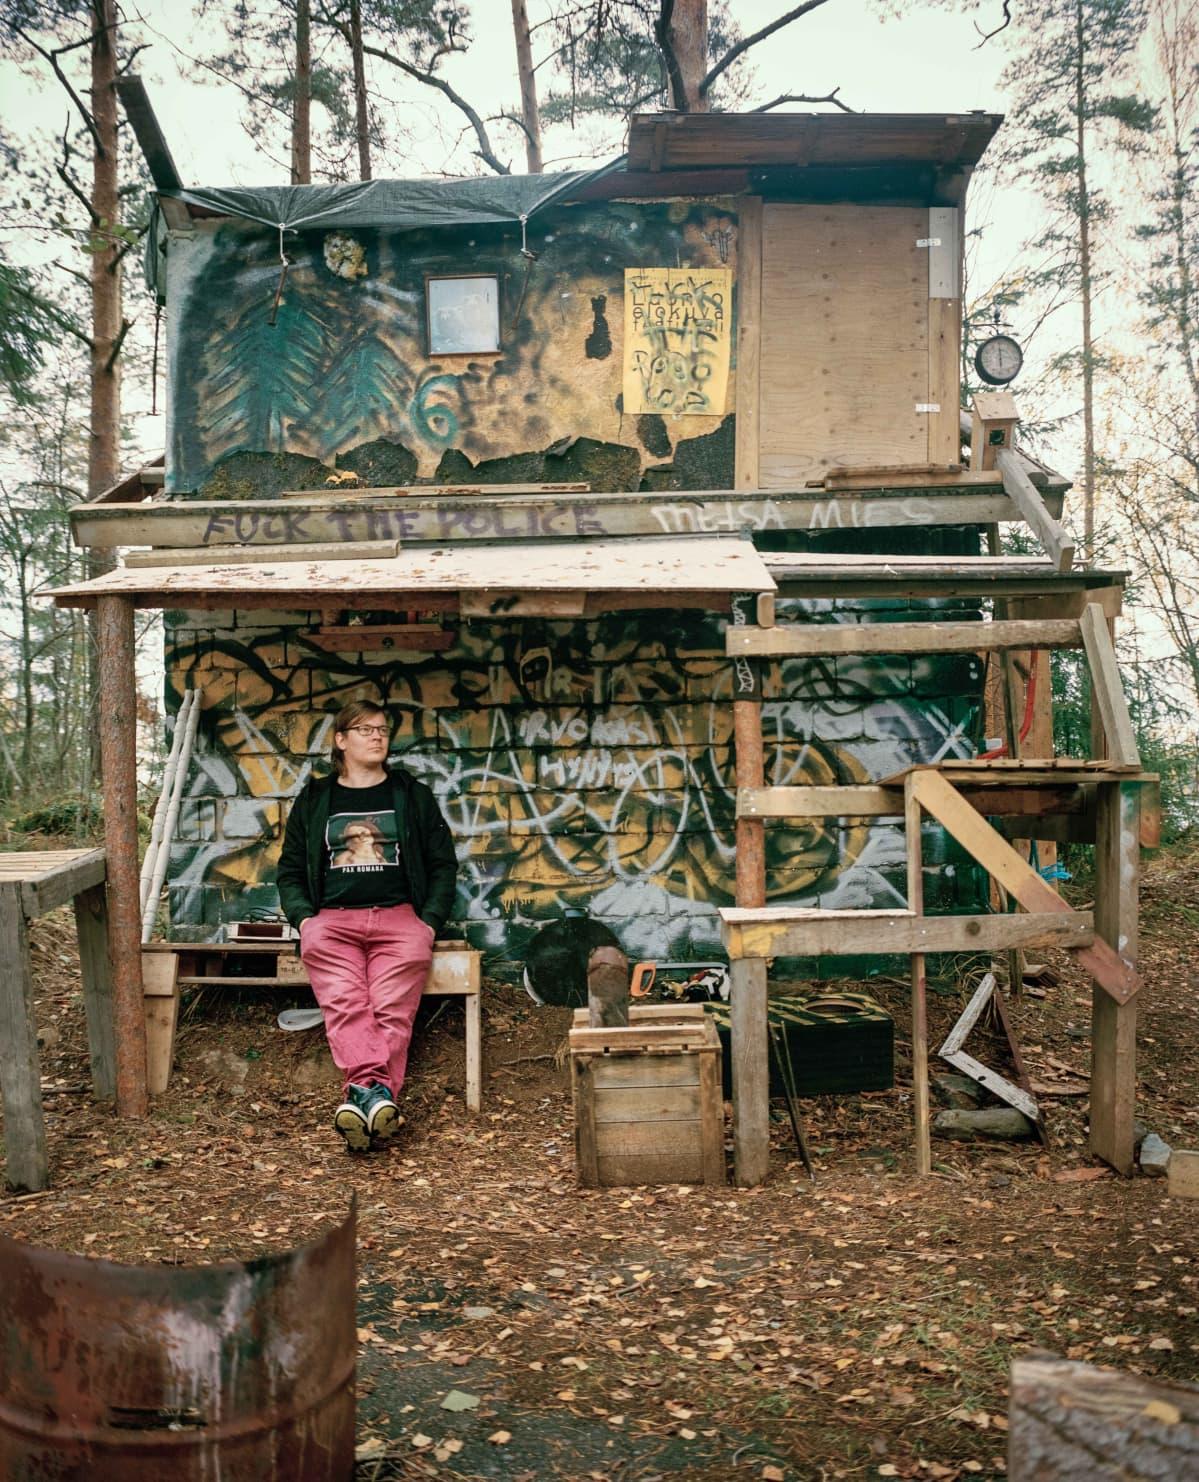 Mies nojaa graffiteilla maalattuun pieneen rakennukseen metsässä.